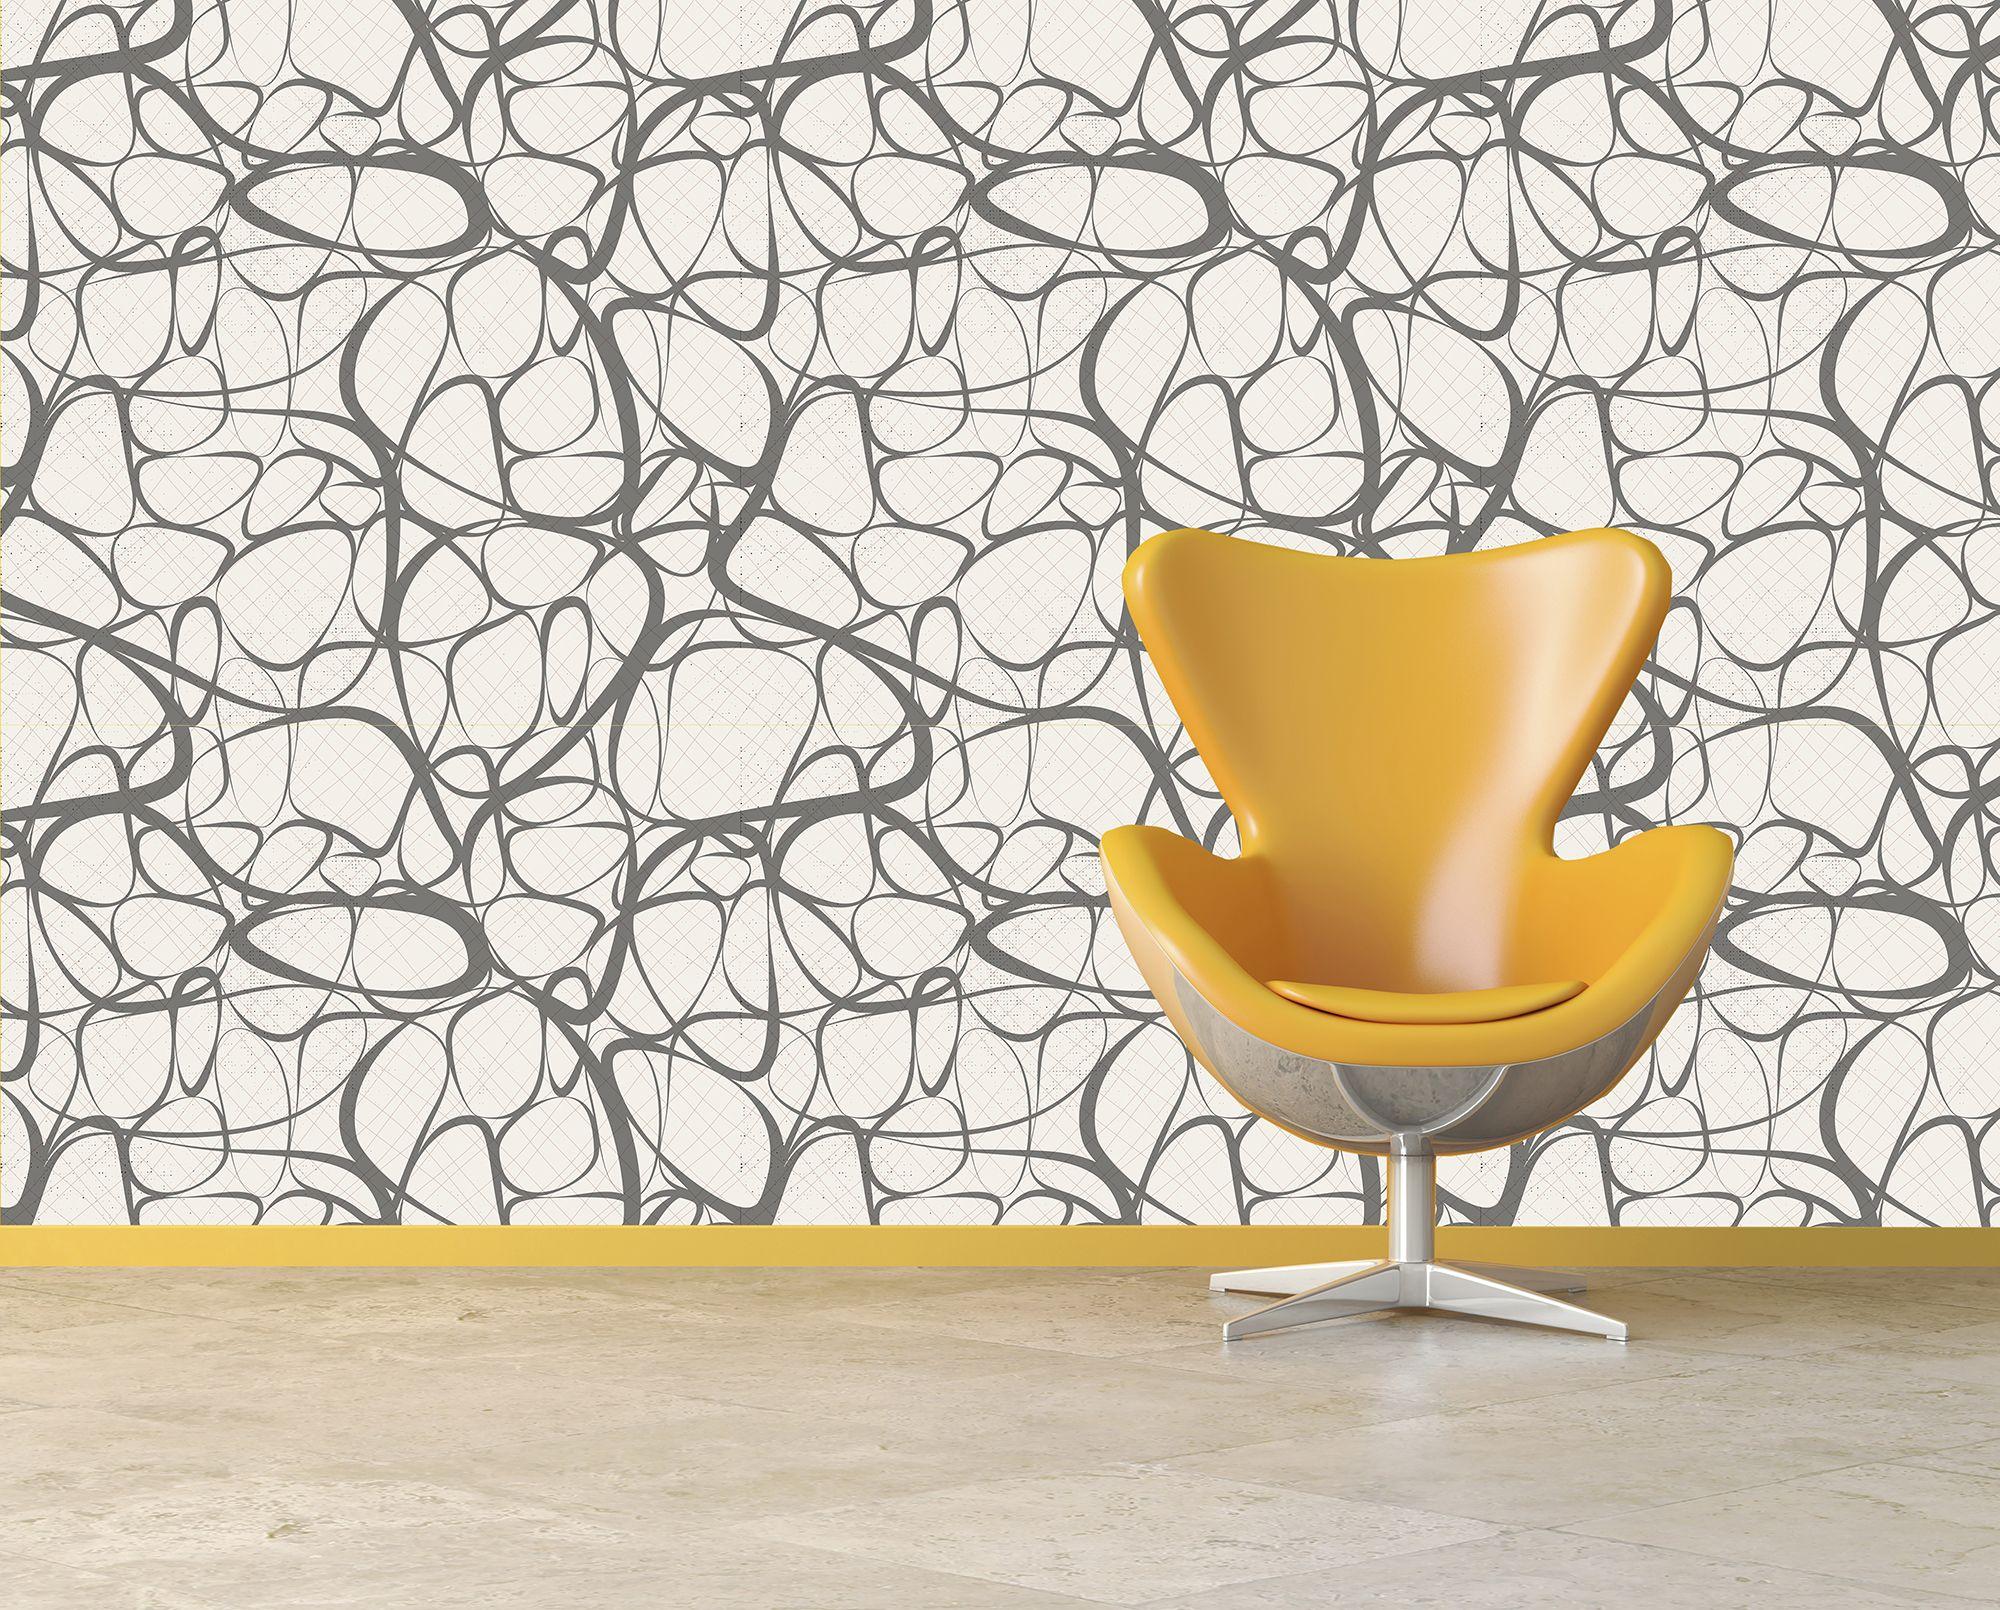 MidCentury Modern Wallpaper Ideas - Modern wallpaper